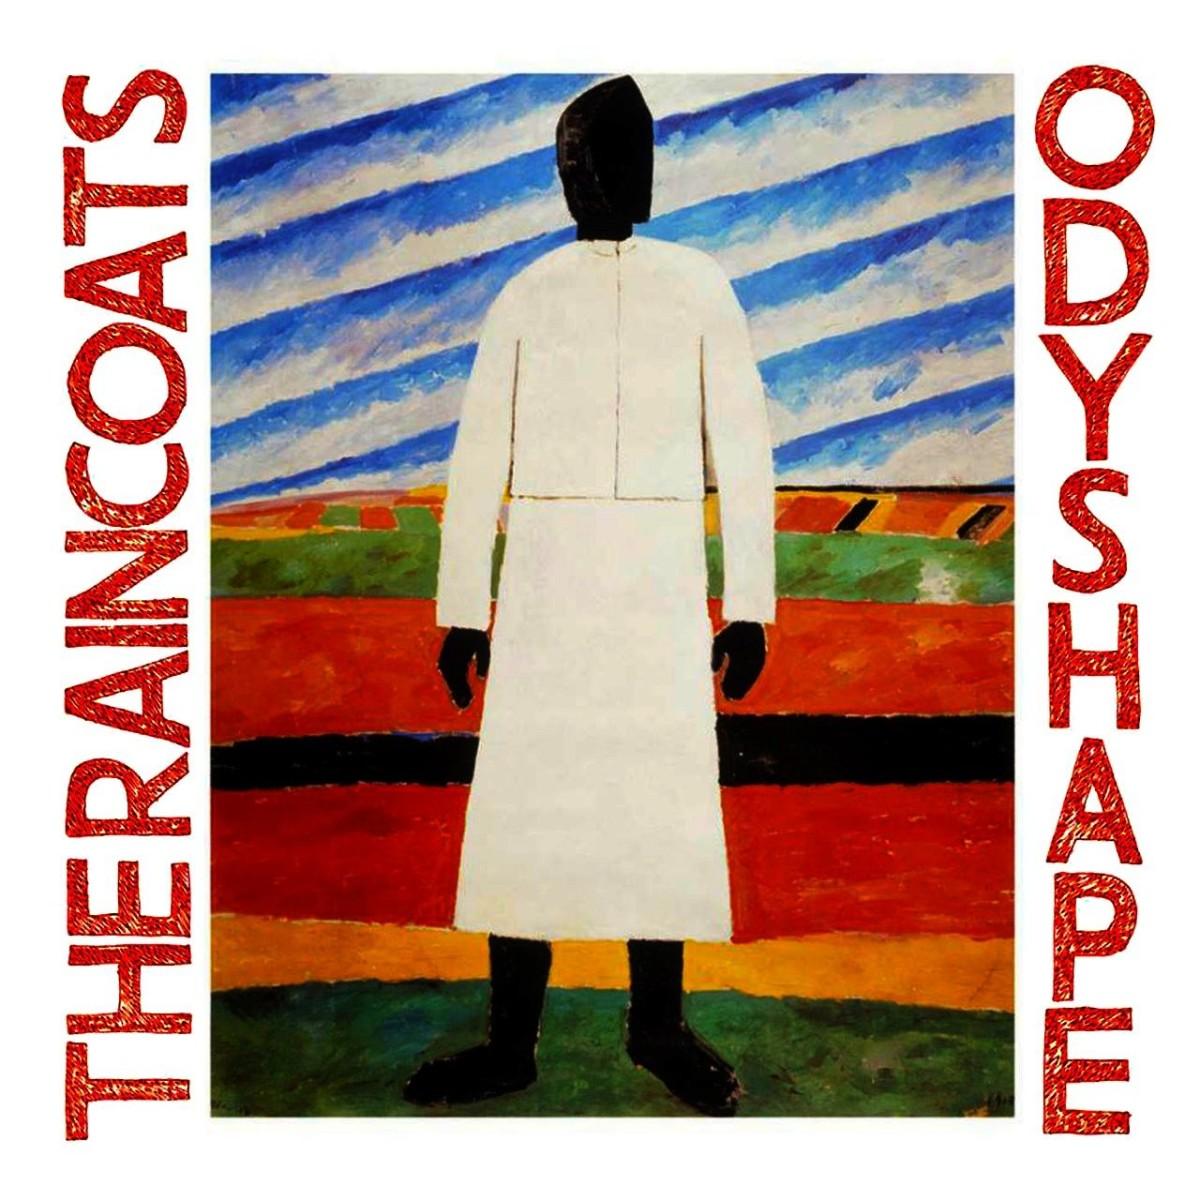 Raincoats Odyshape review